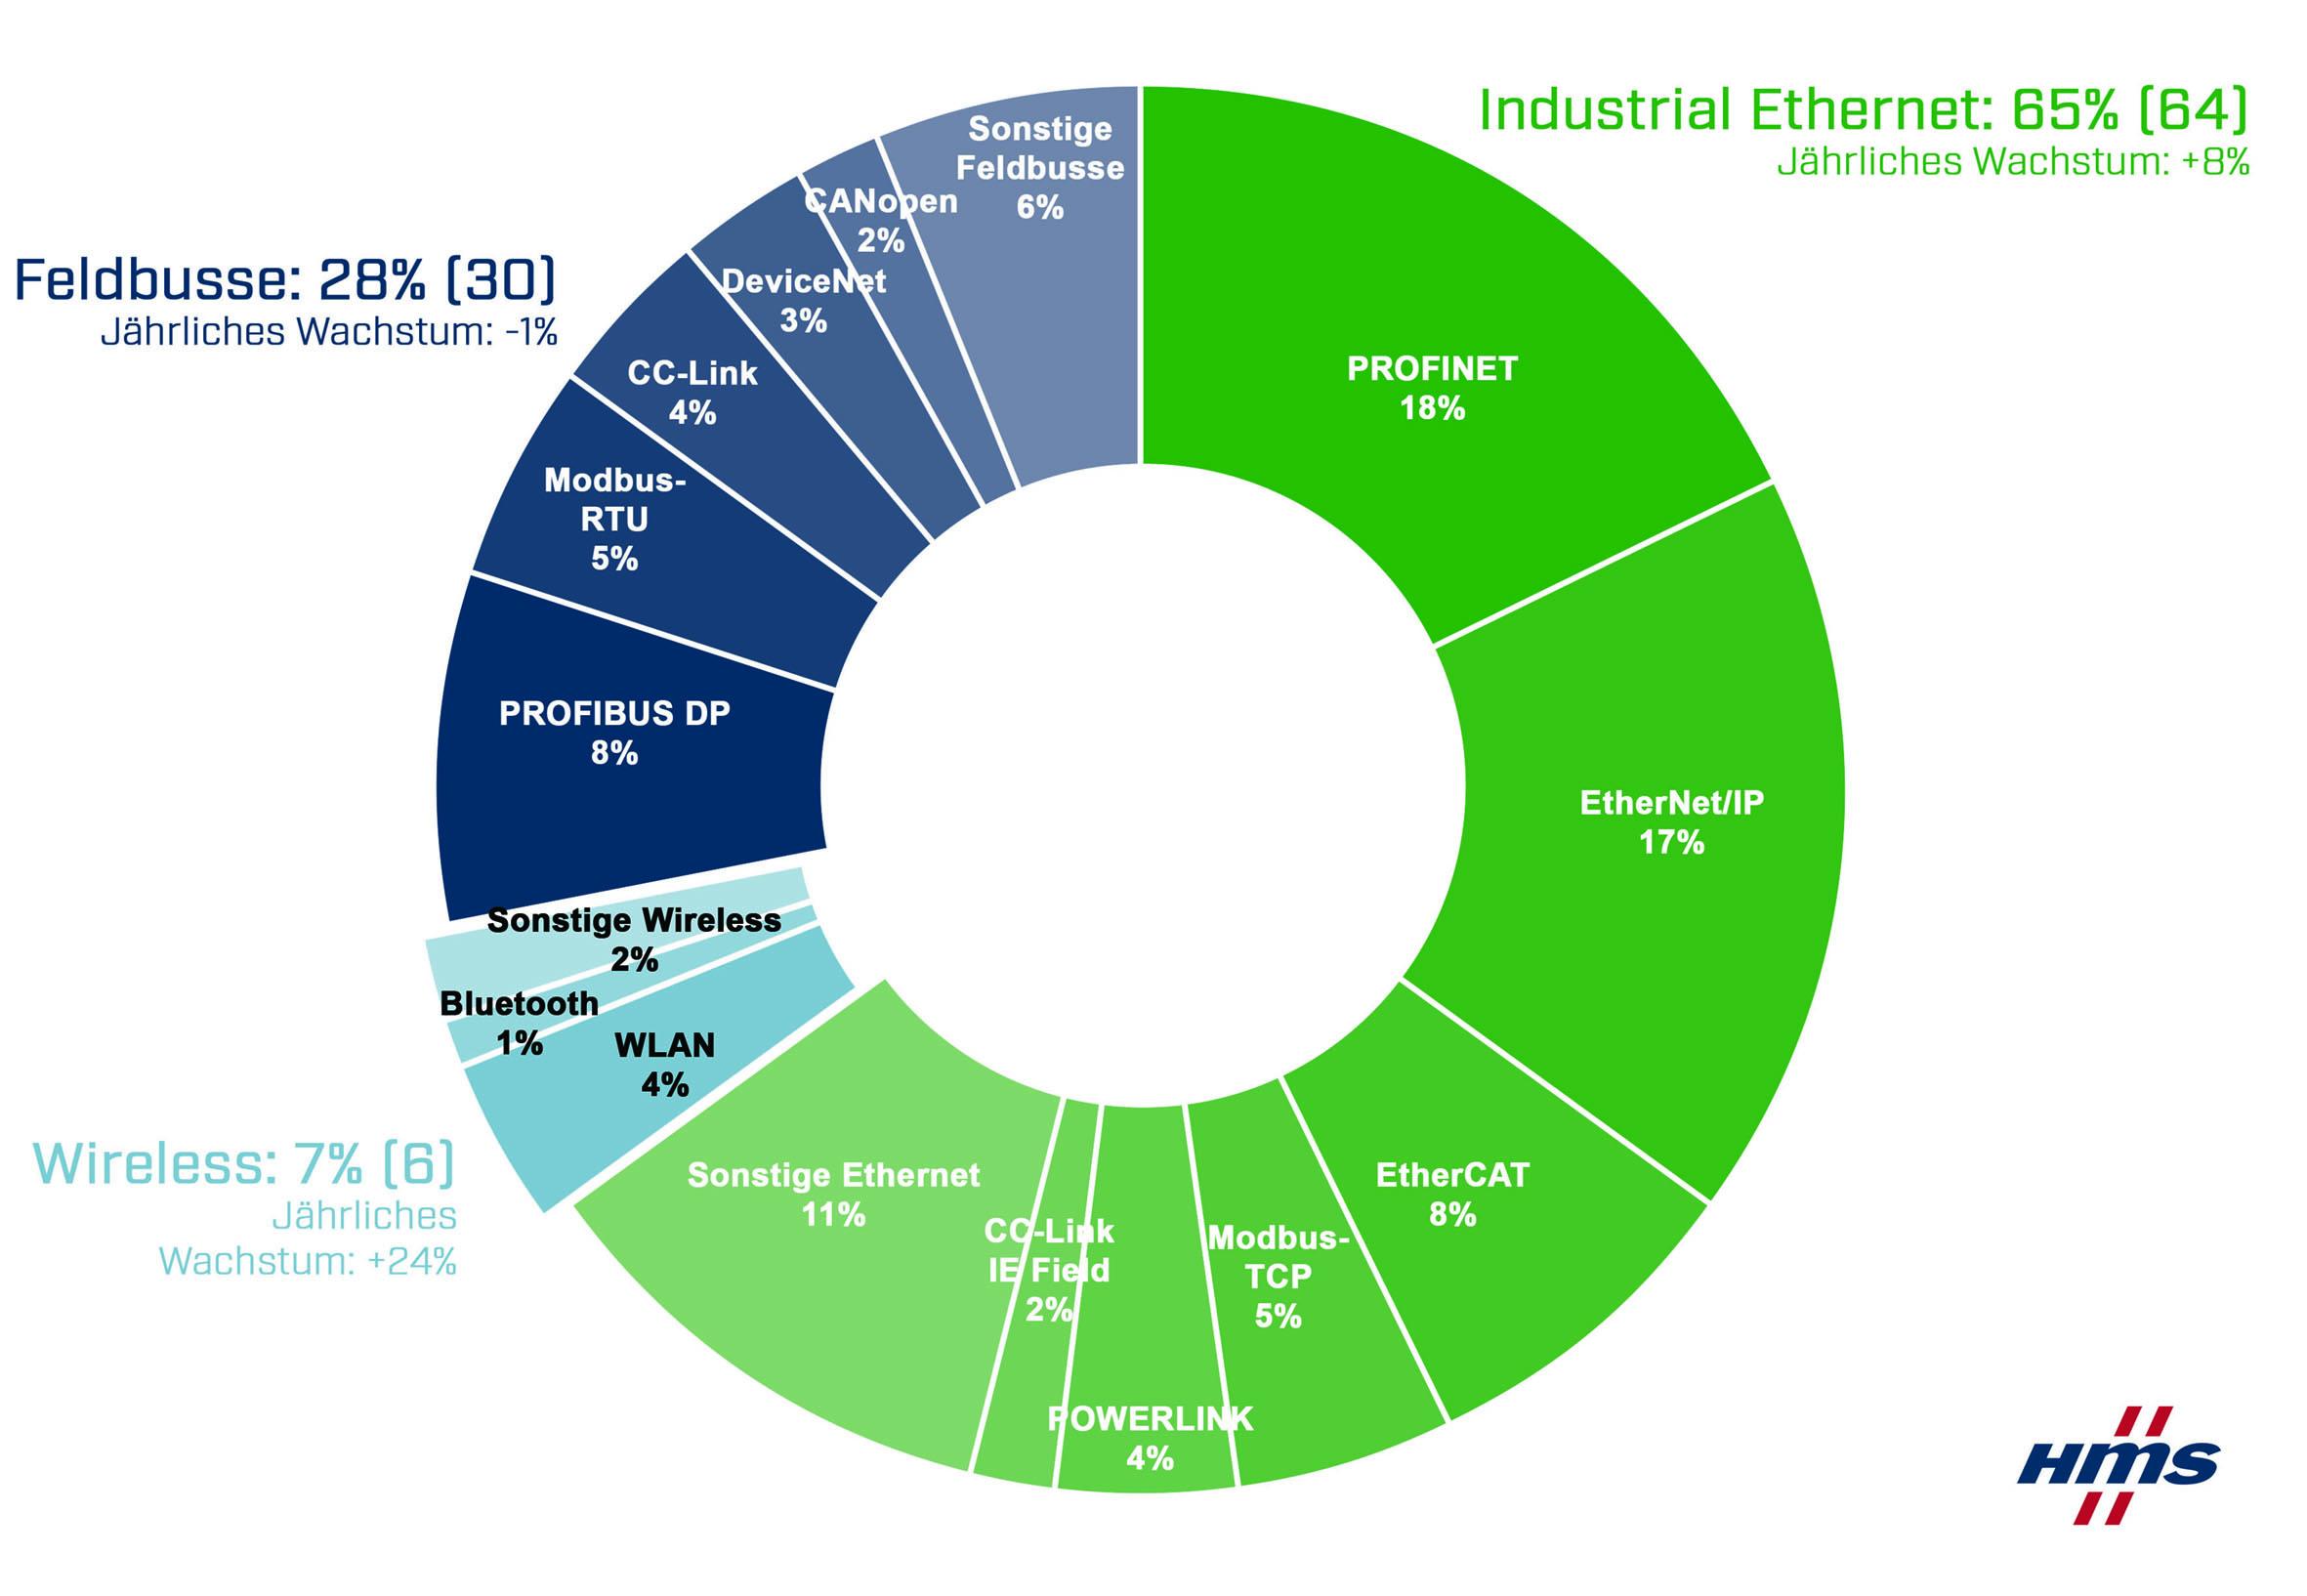 Industrielle Netzwerke weiter auf Wachstumskurs